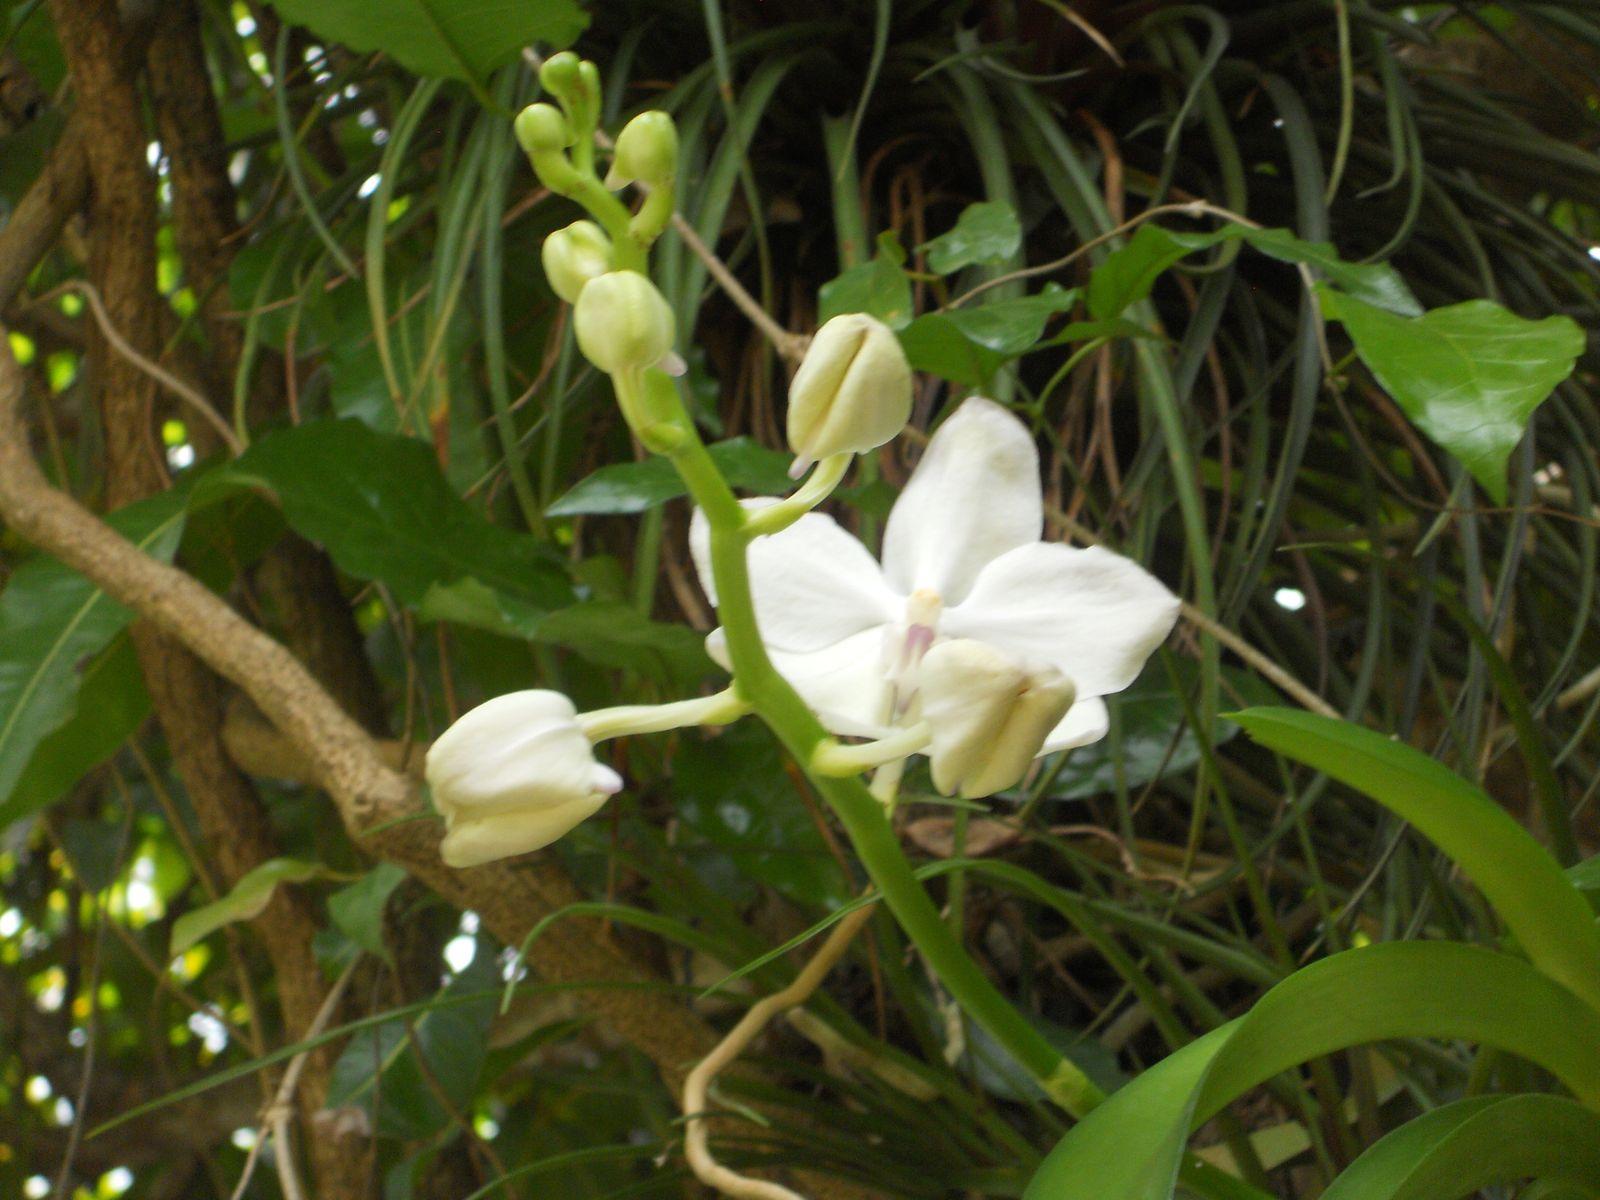 4 ao t Jardin botanique de Deshaies lesubou enadeloupe